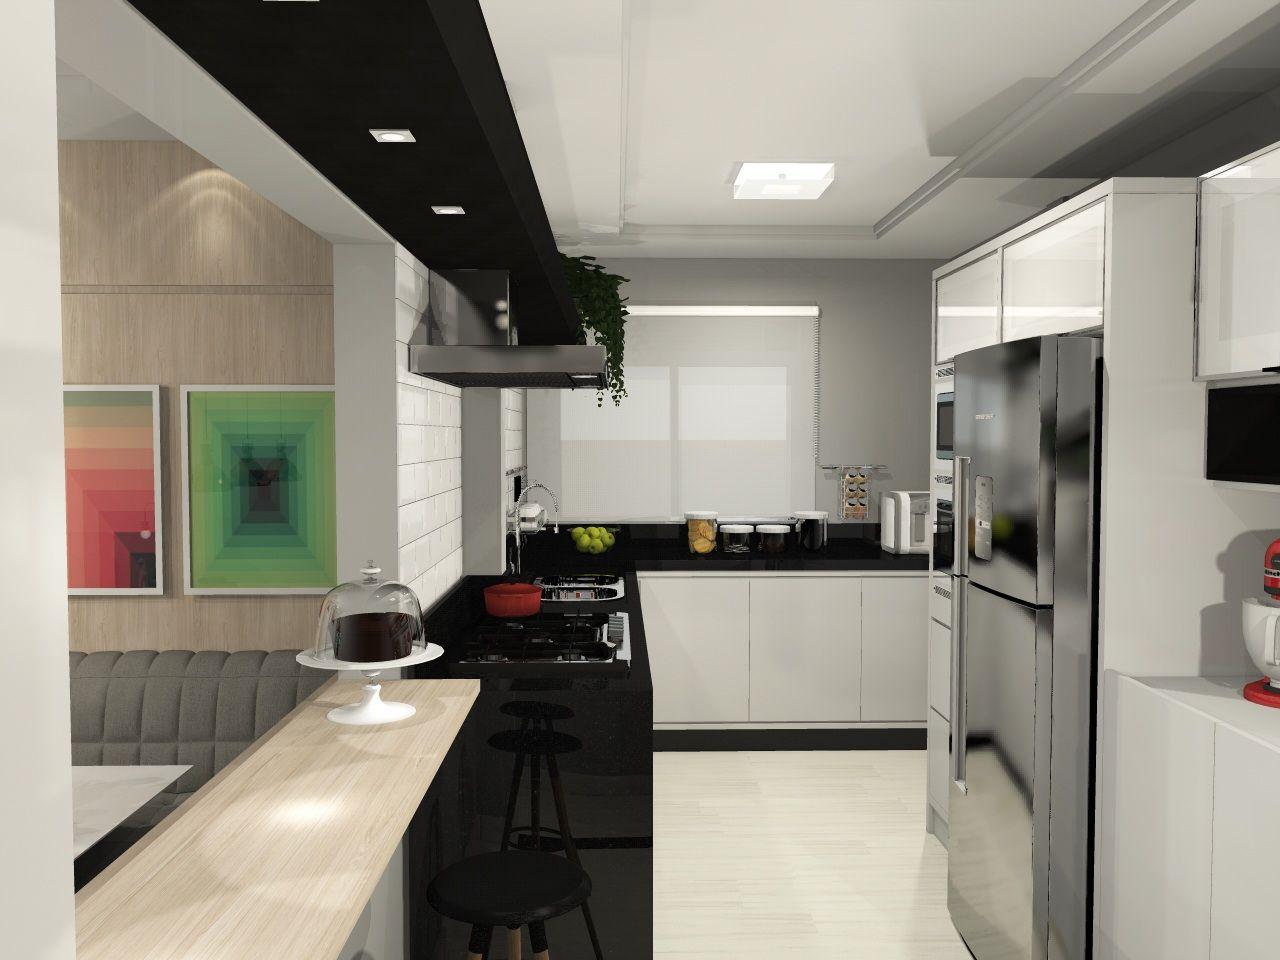 Cozinha Integrada Jovem E Descolada Reforma Parede Cinza Sala